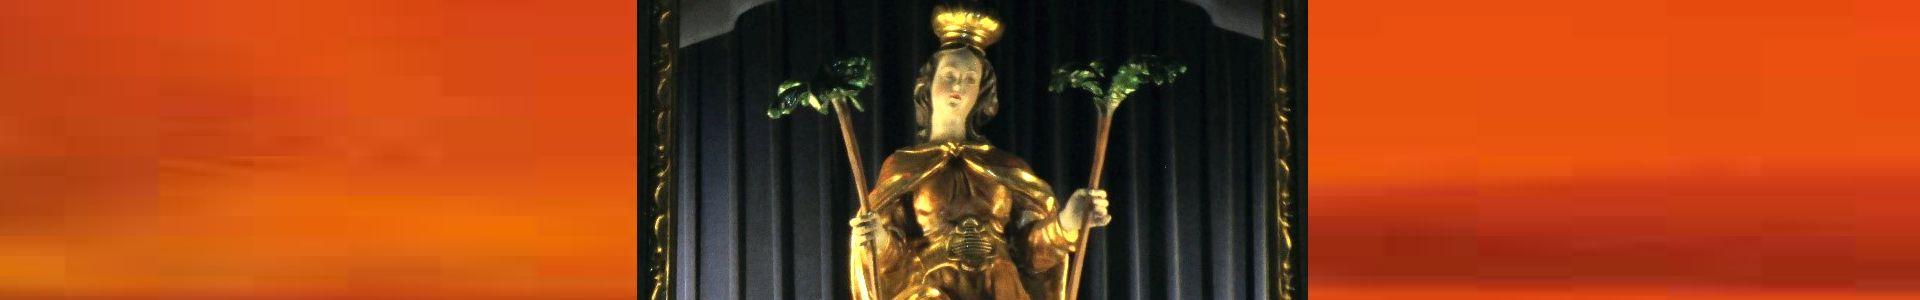 Wallfahrt zur Heiligen Corona am Schöpfl und am Wechsel